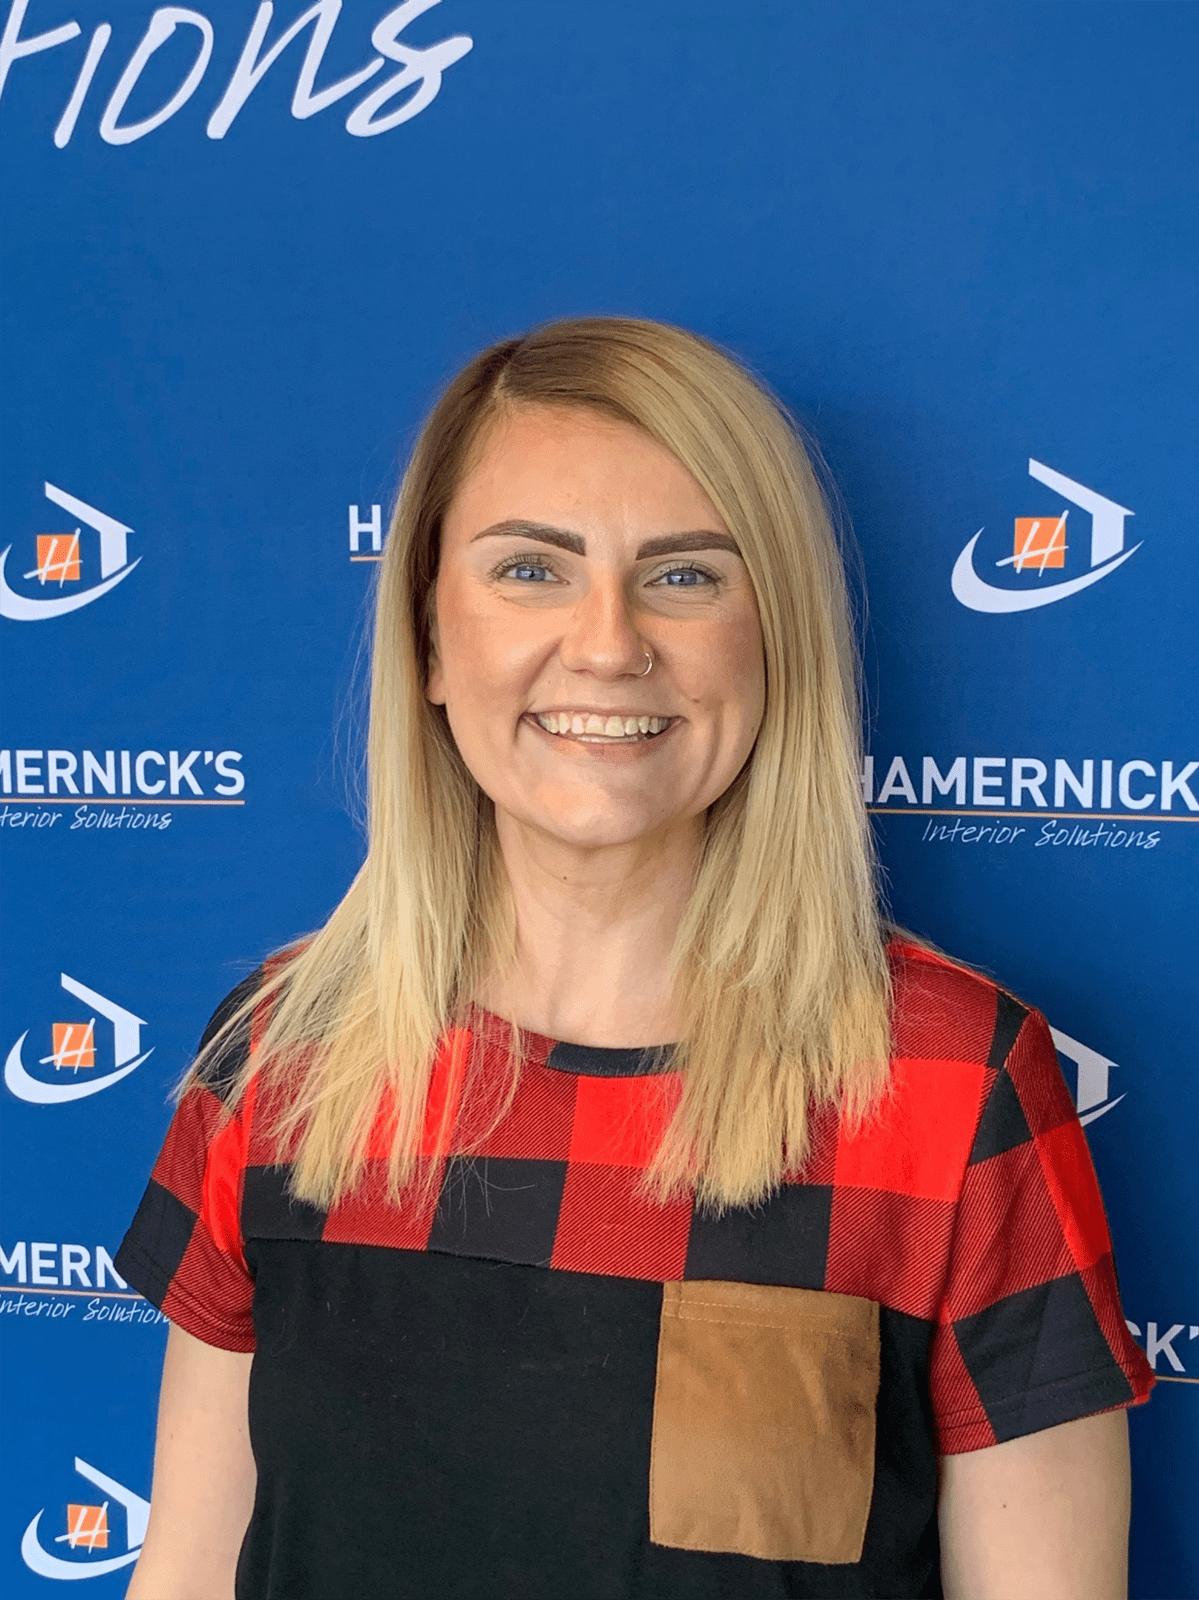 Jessica | Hamernick's Interior Solutions